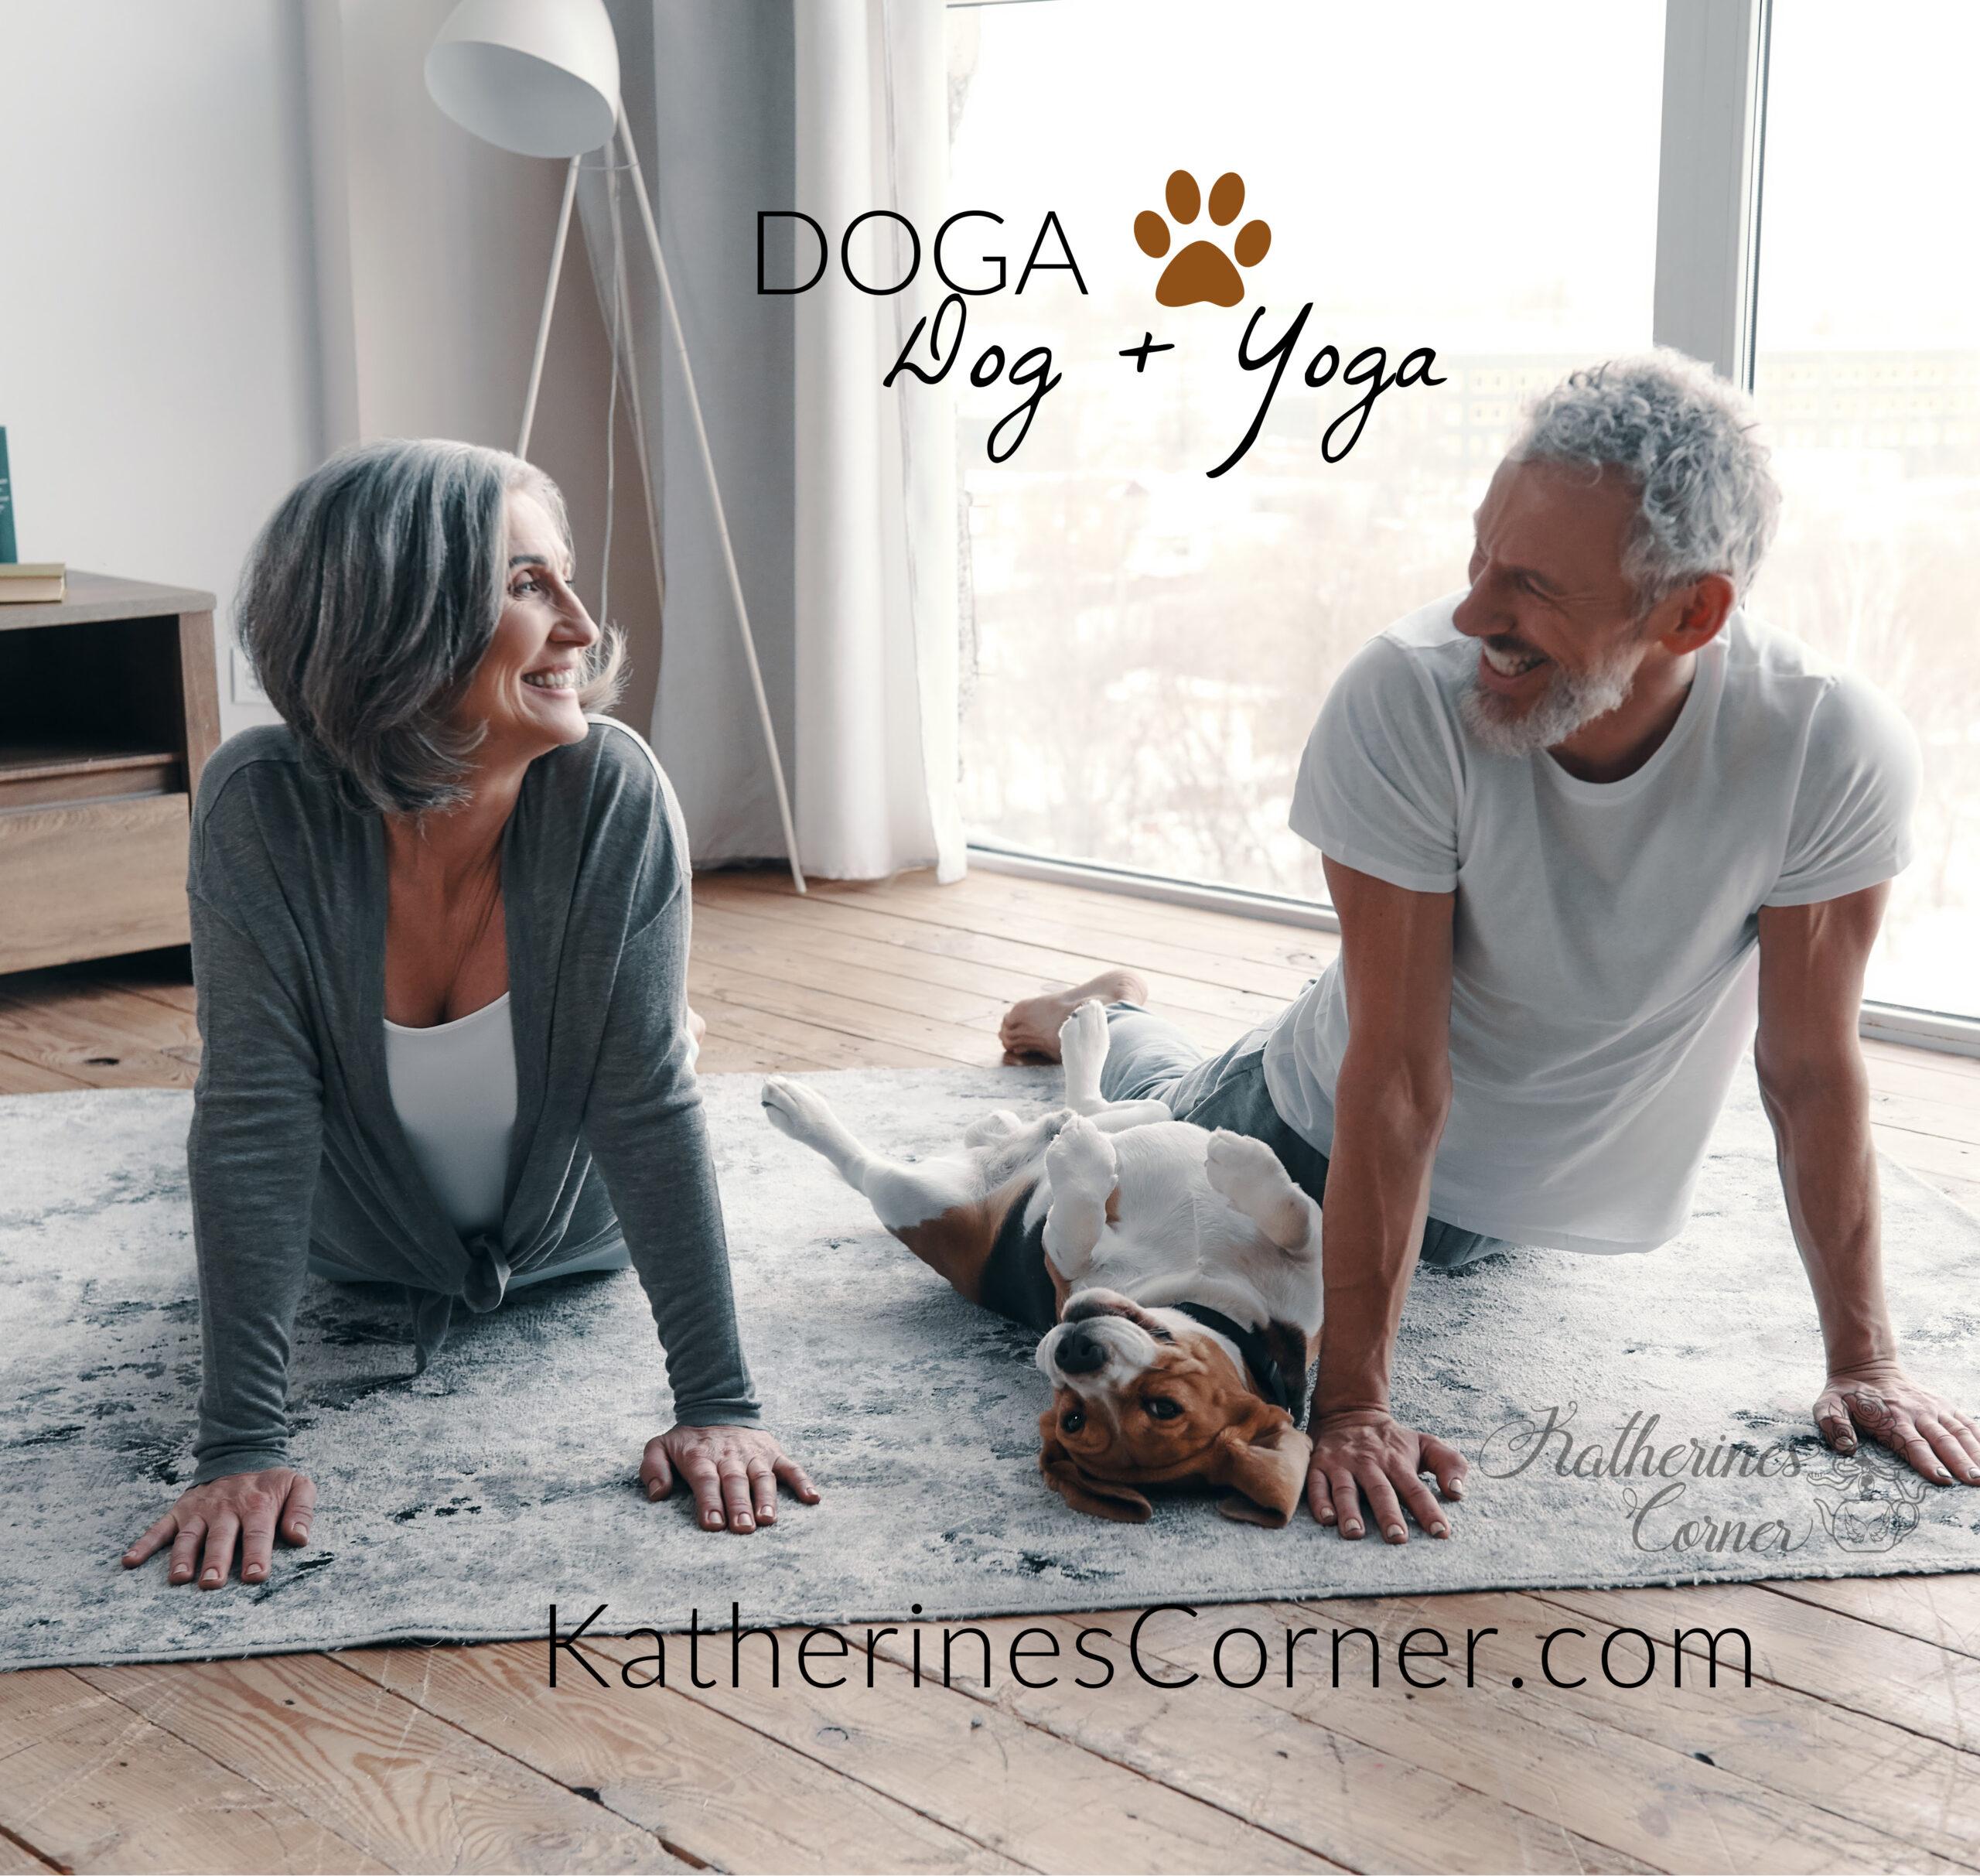 DOGA aka Dog Yoga